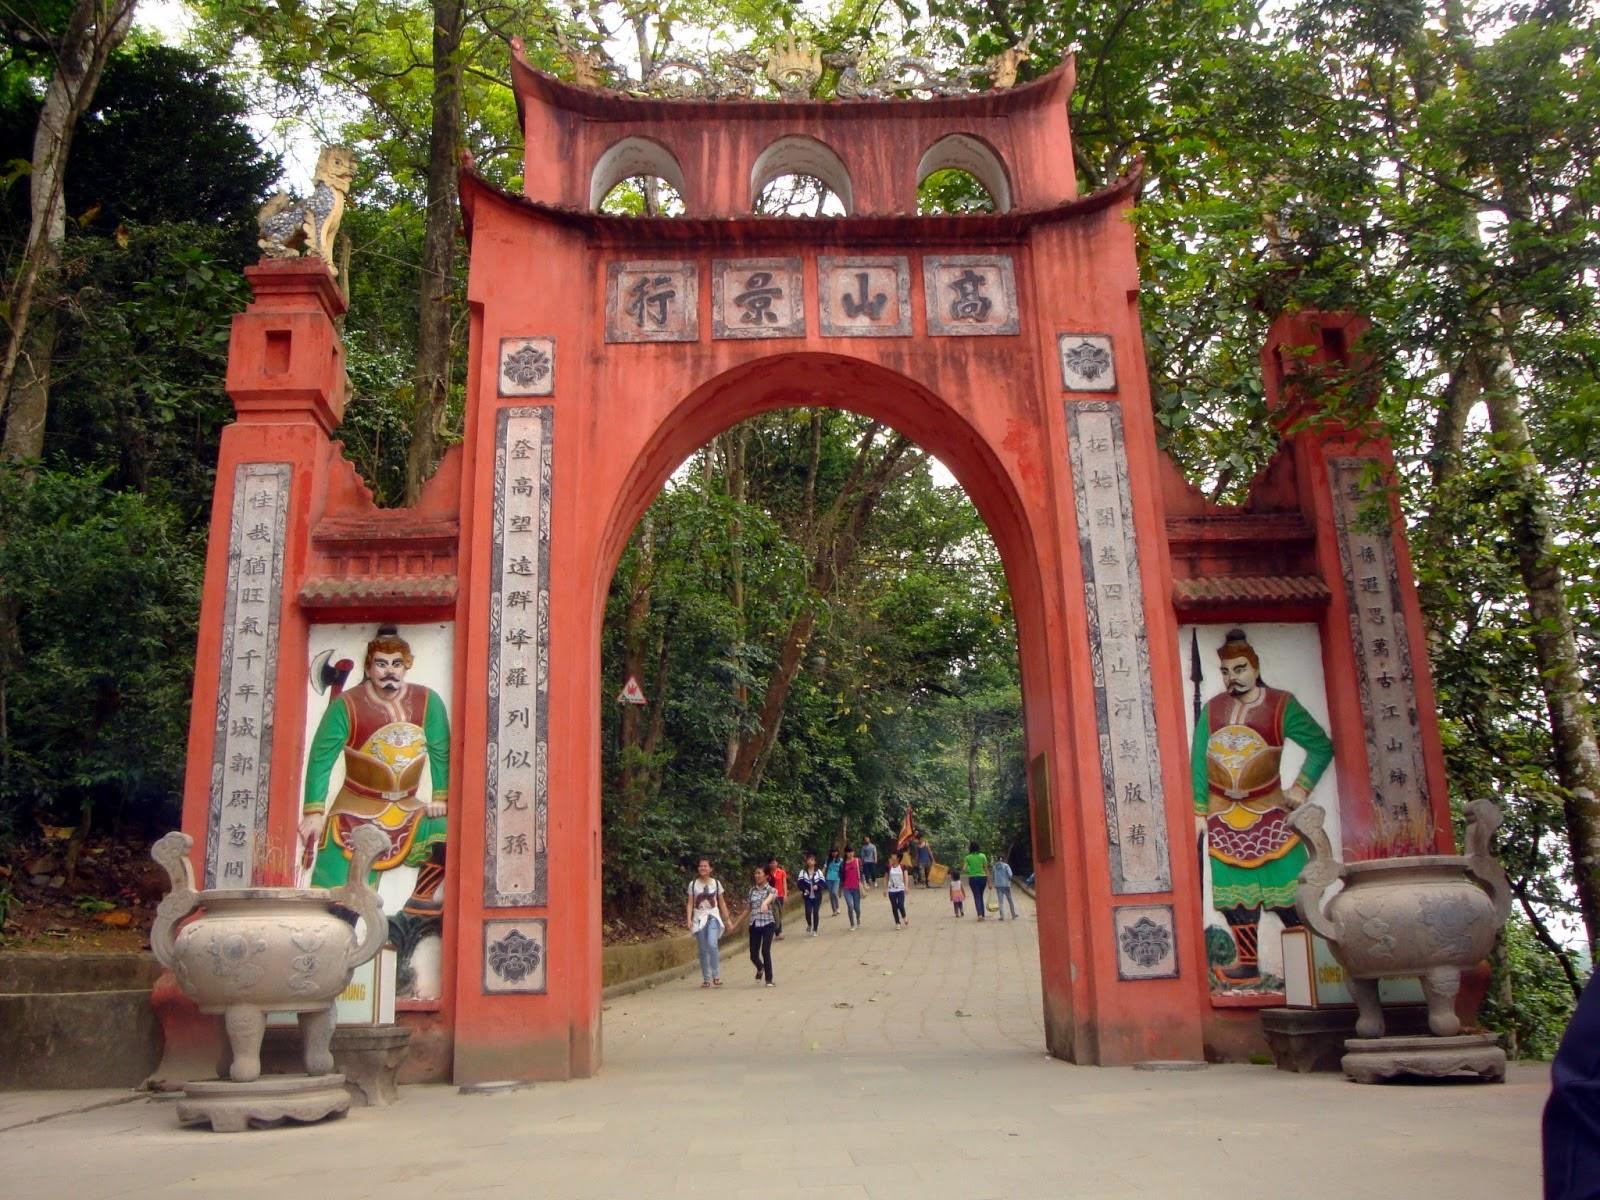 Cho thuê xe đi đền Hùng Phú Thọ tại Hà Nội